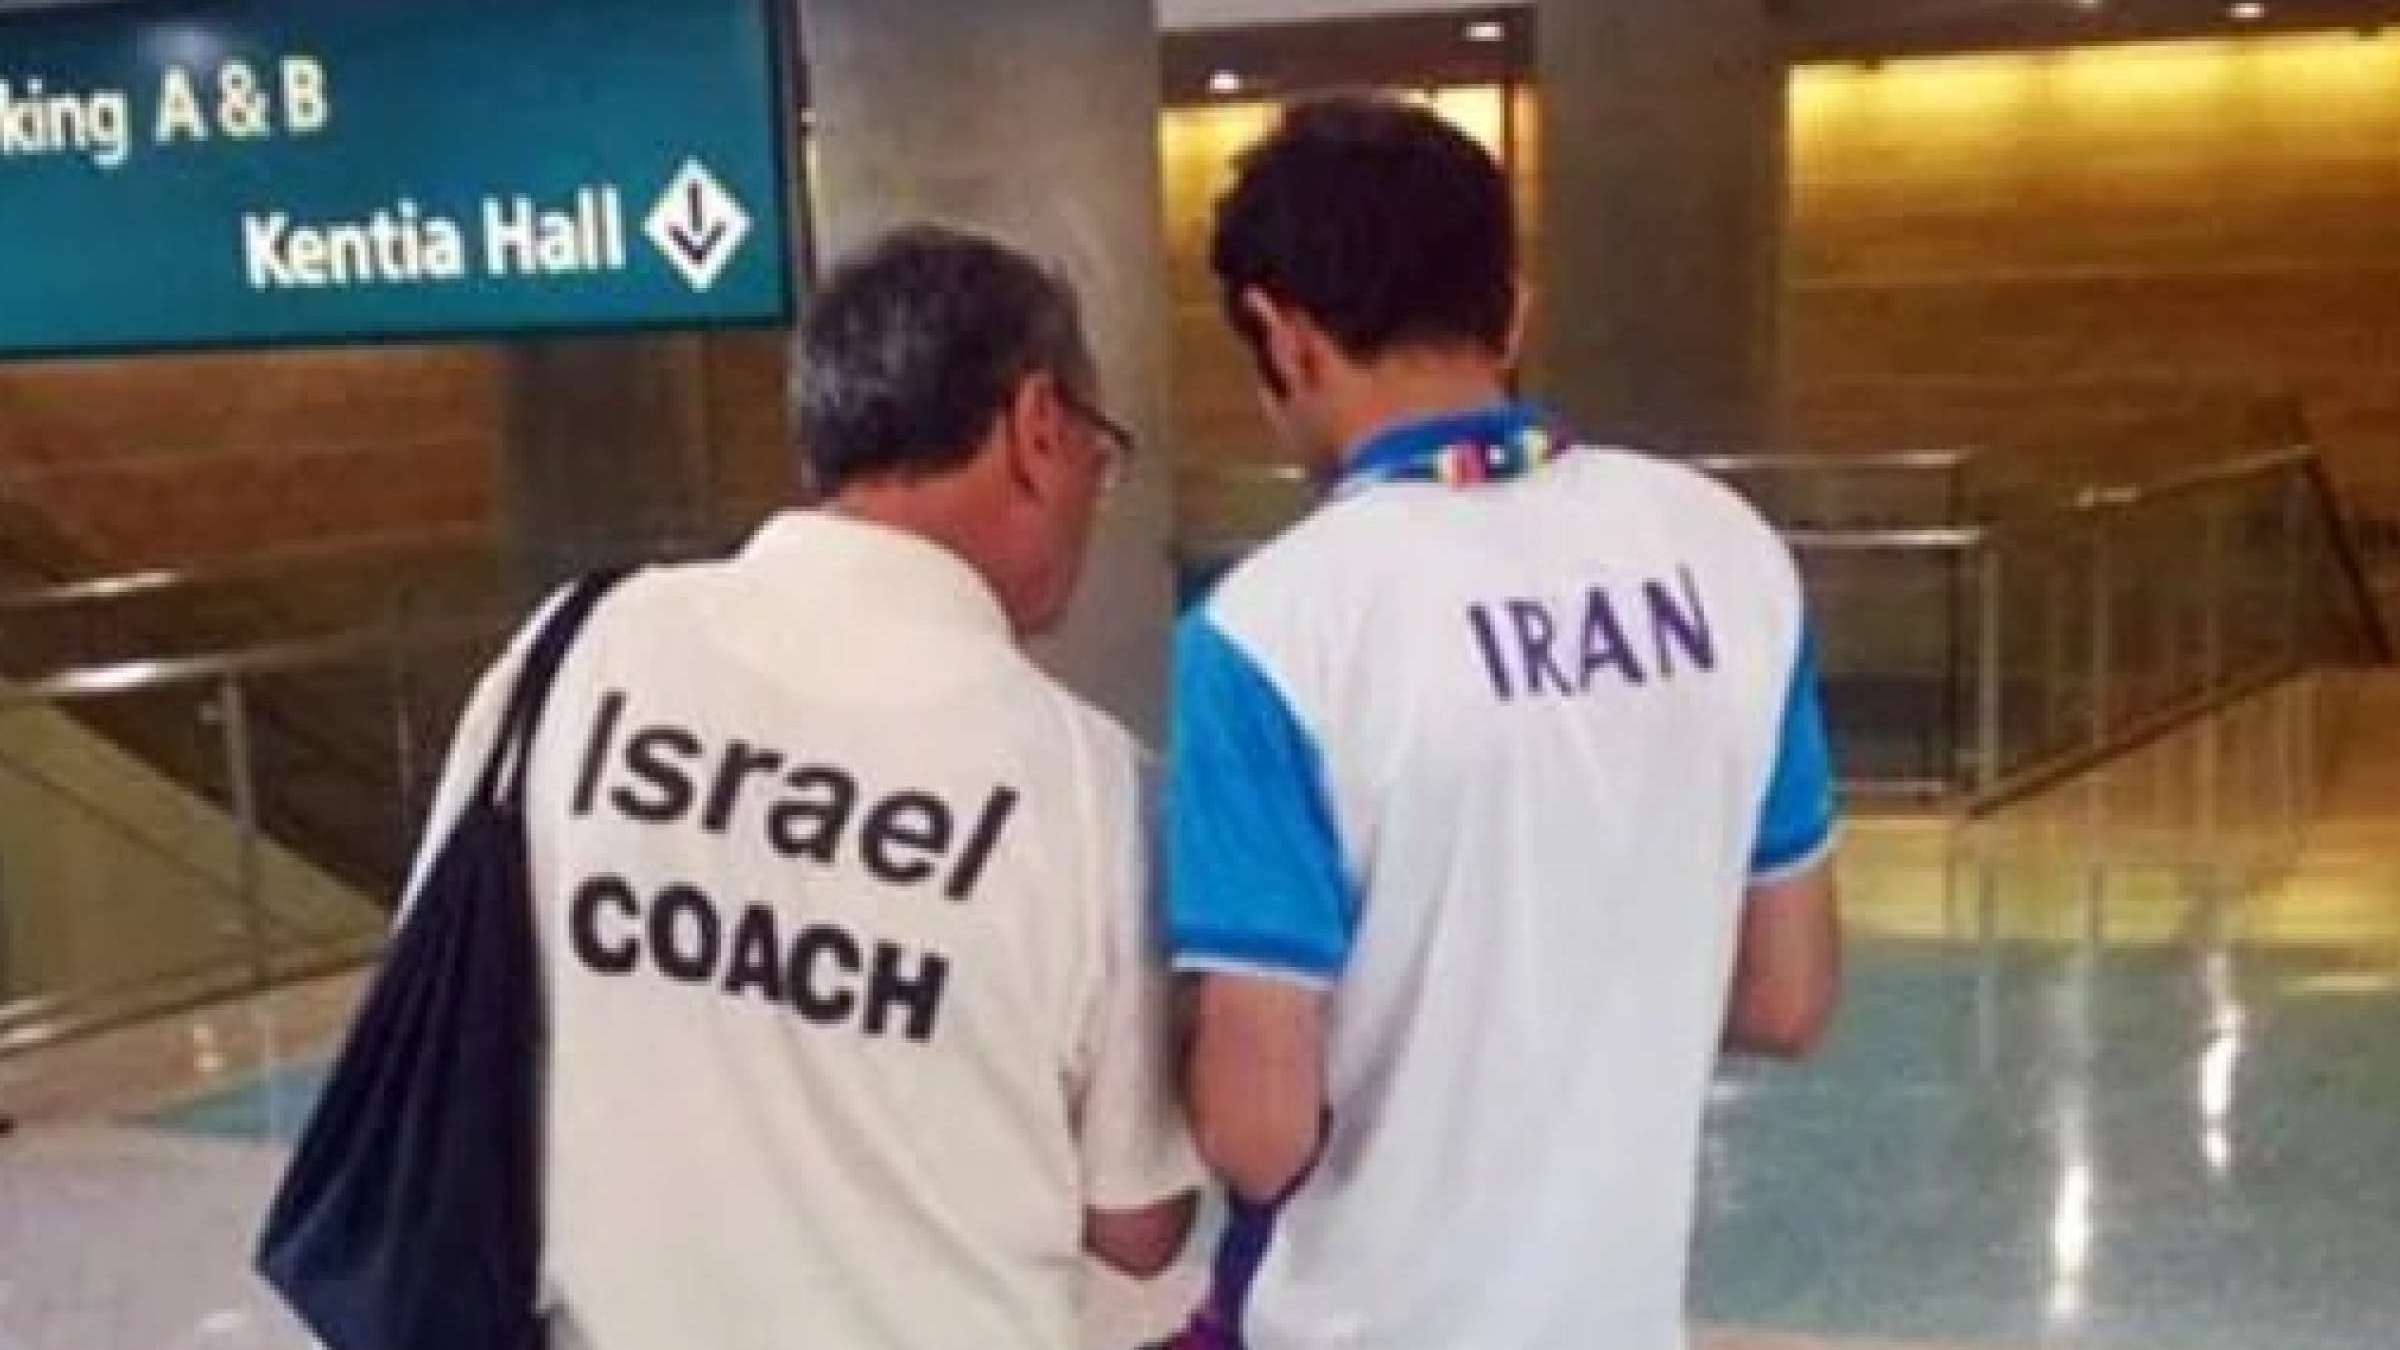 پرونده-اقتصادی-سیاه-حامیان-انزوا-جهانی-ورزش-ایران-و-مسابقه-ندادن-با-اسرائیل